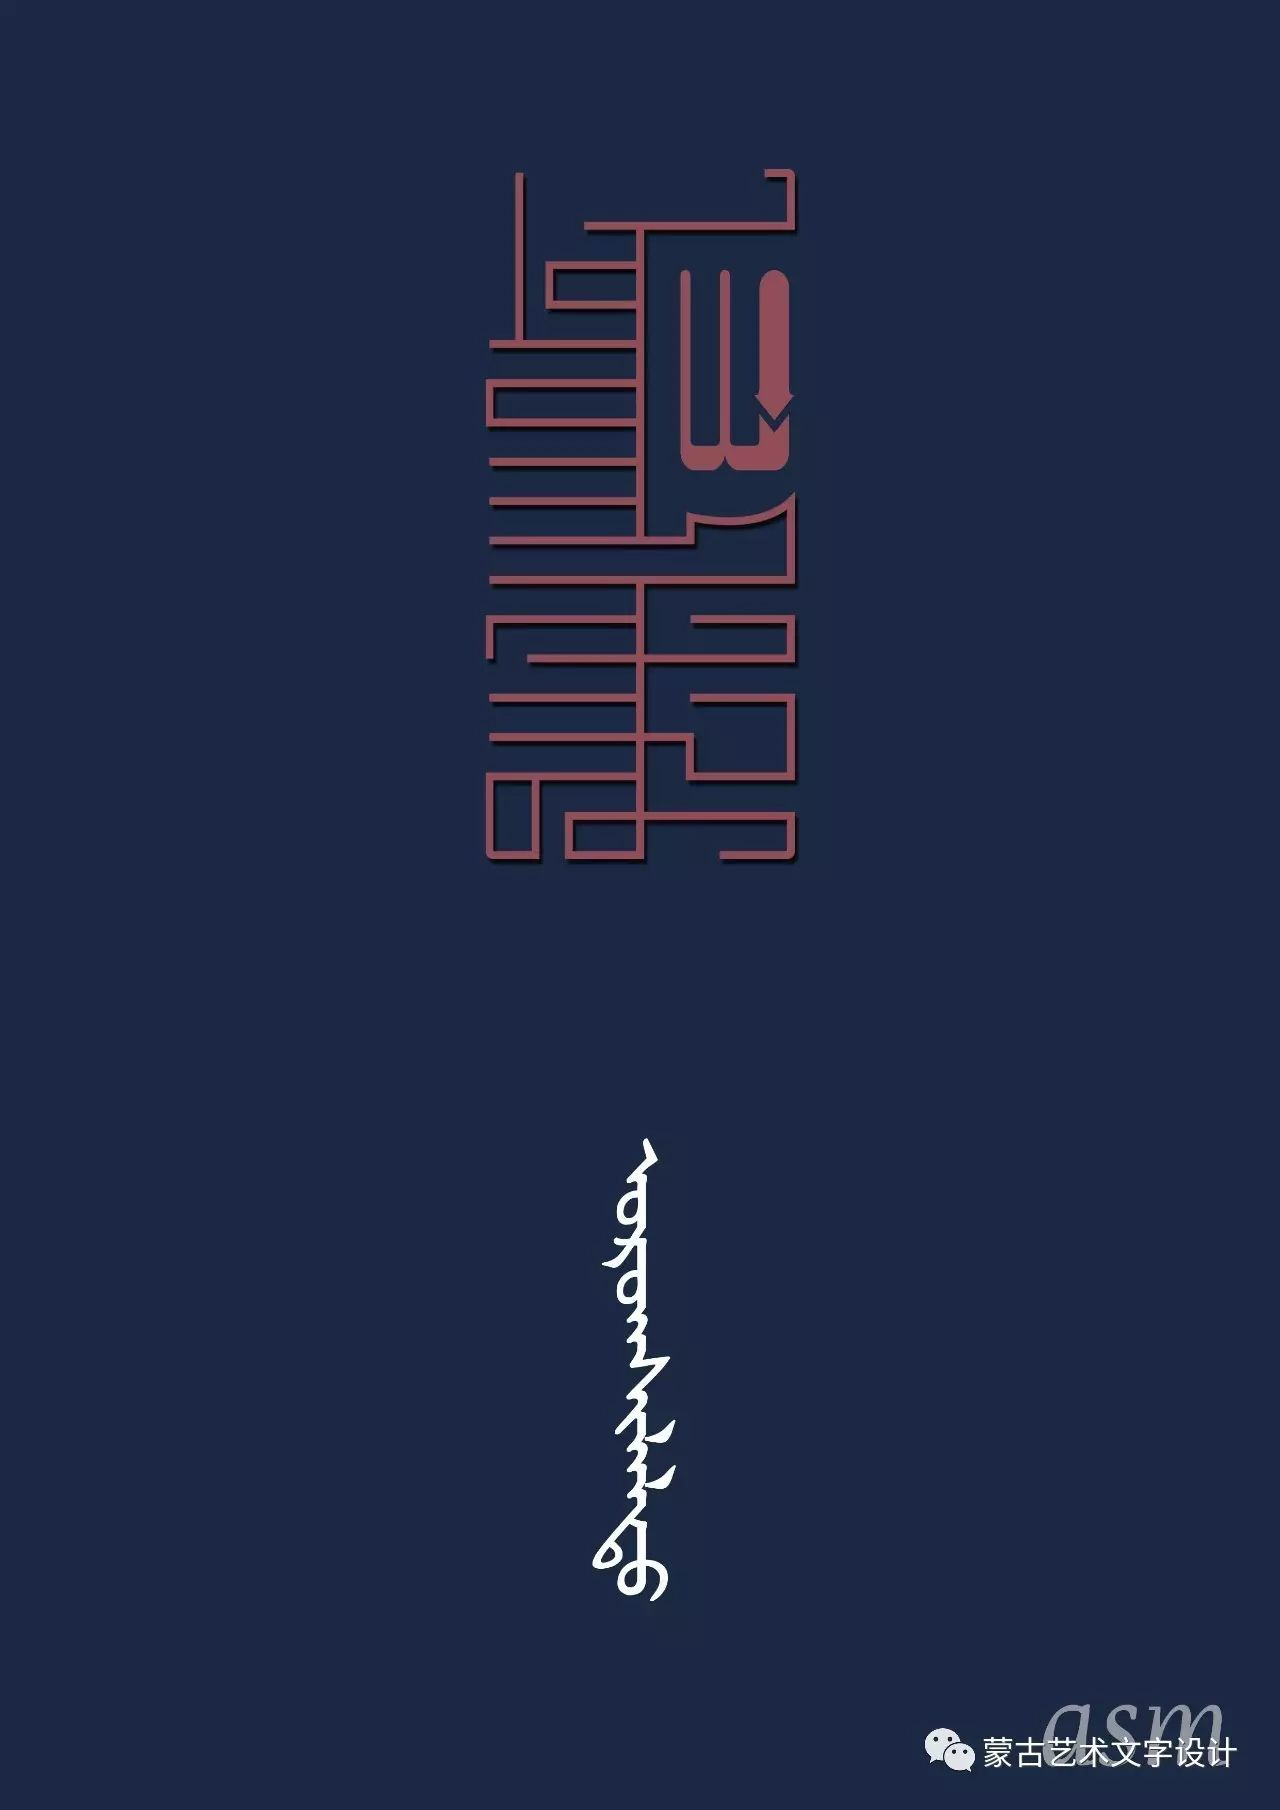 蒙古艺术文字设计 第73张